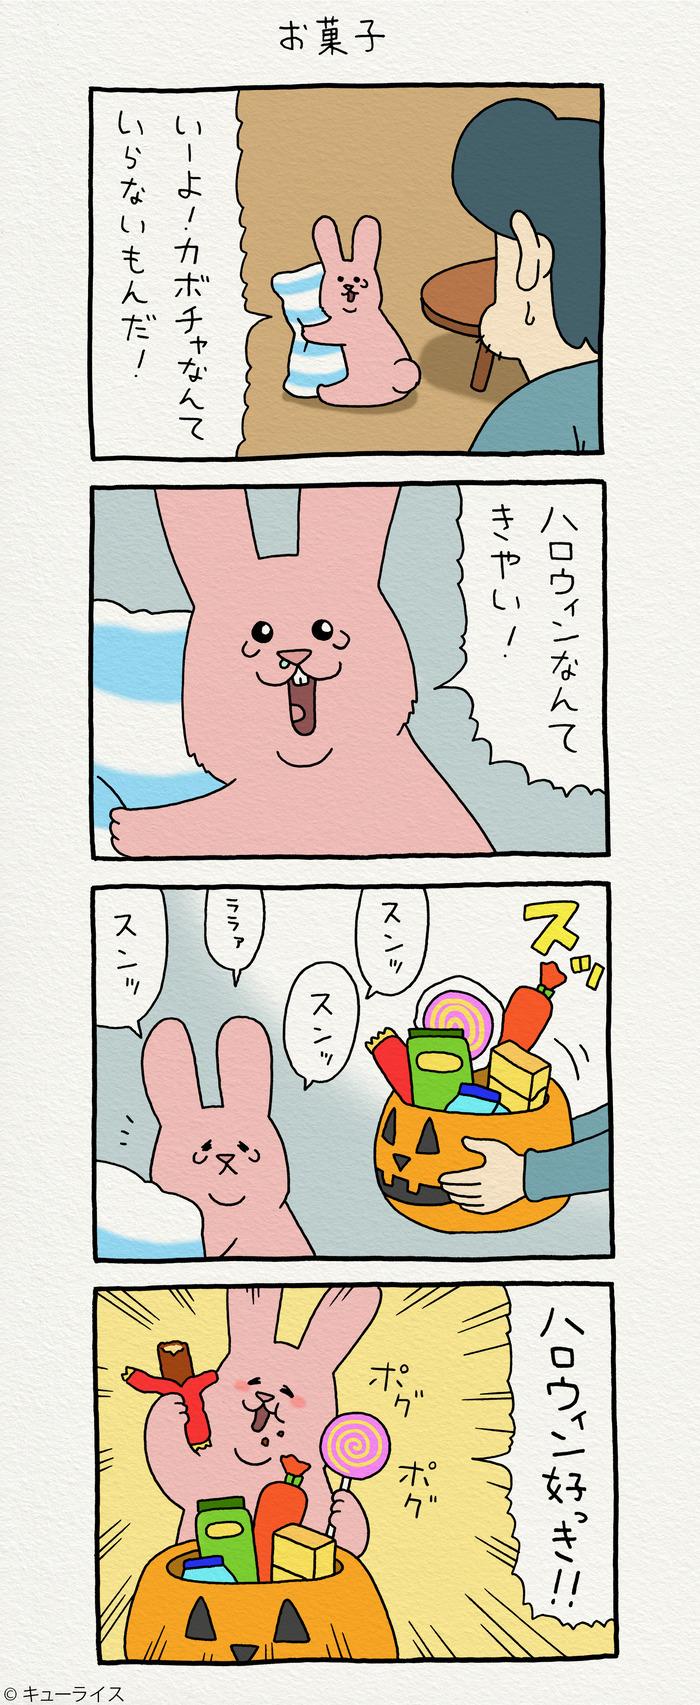 スキウサギ ハロウィン2020-4 のコピー